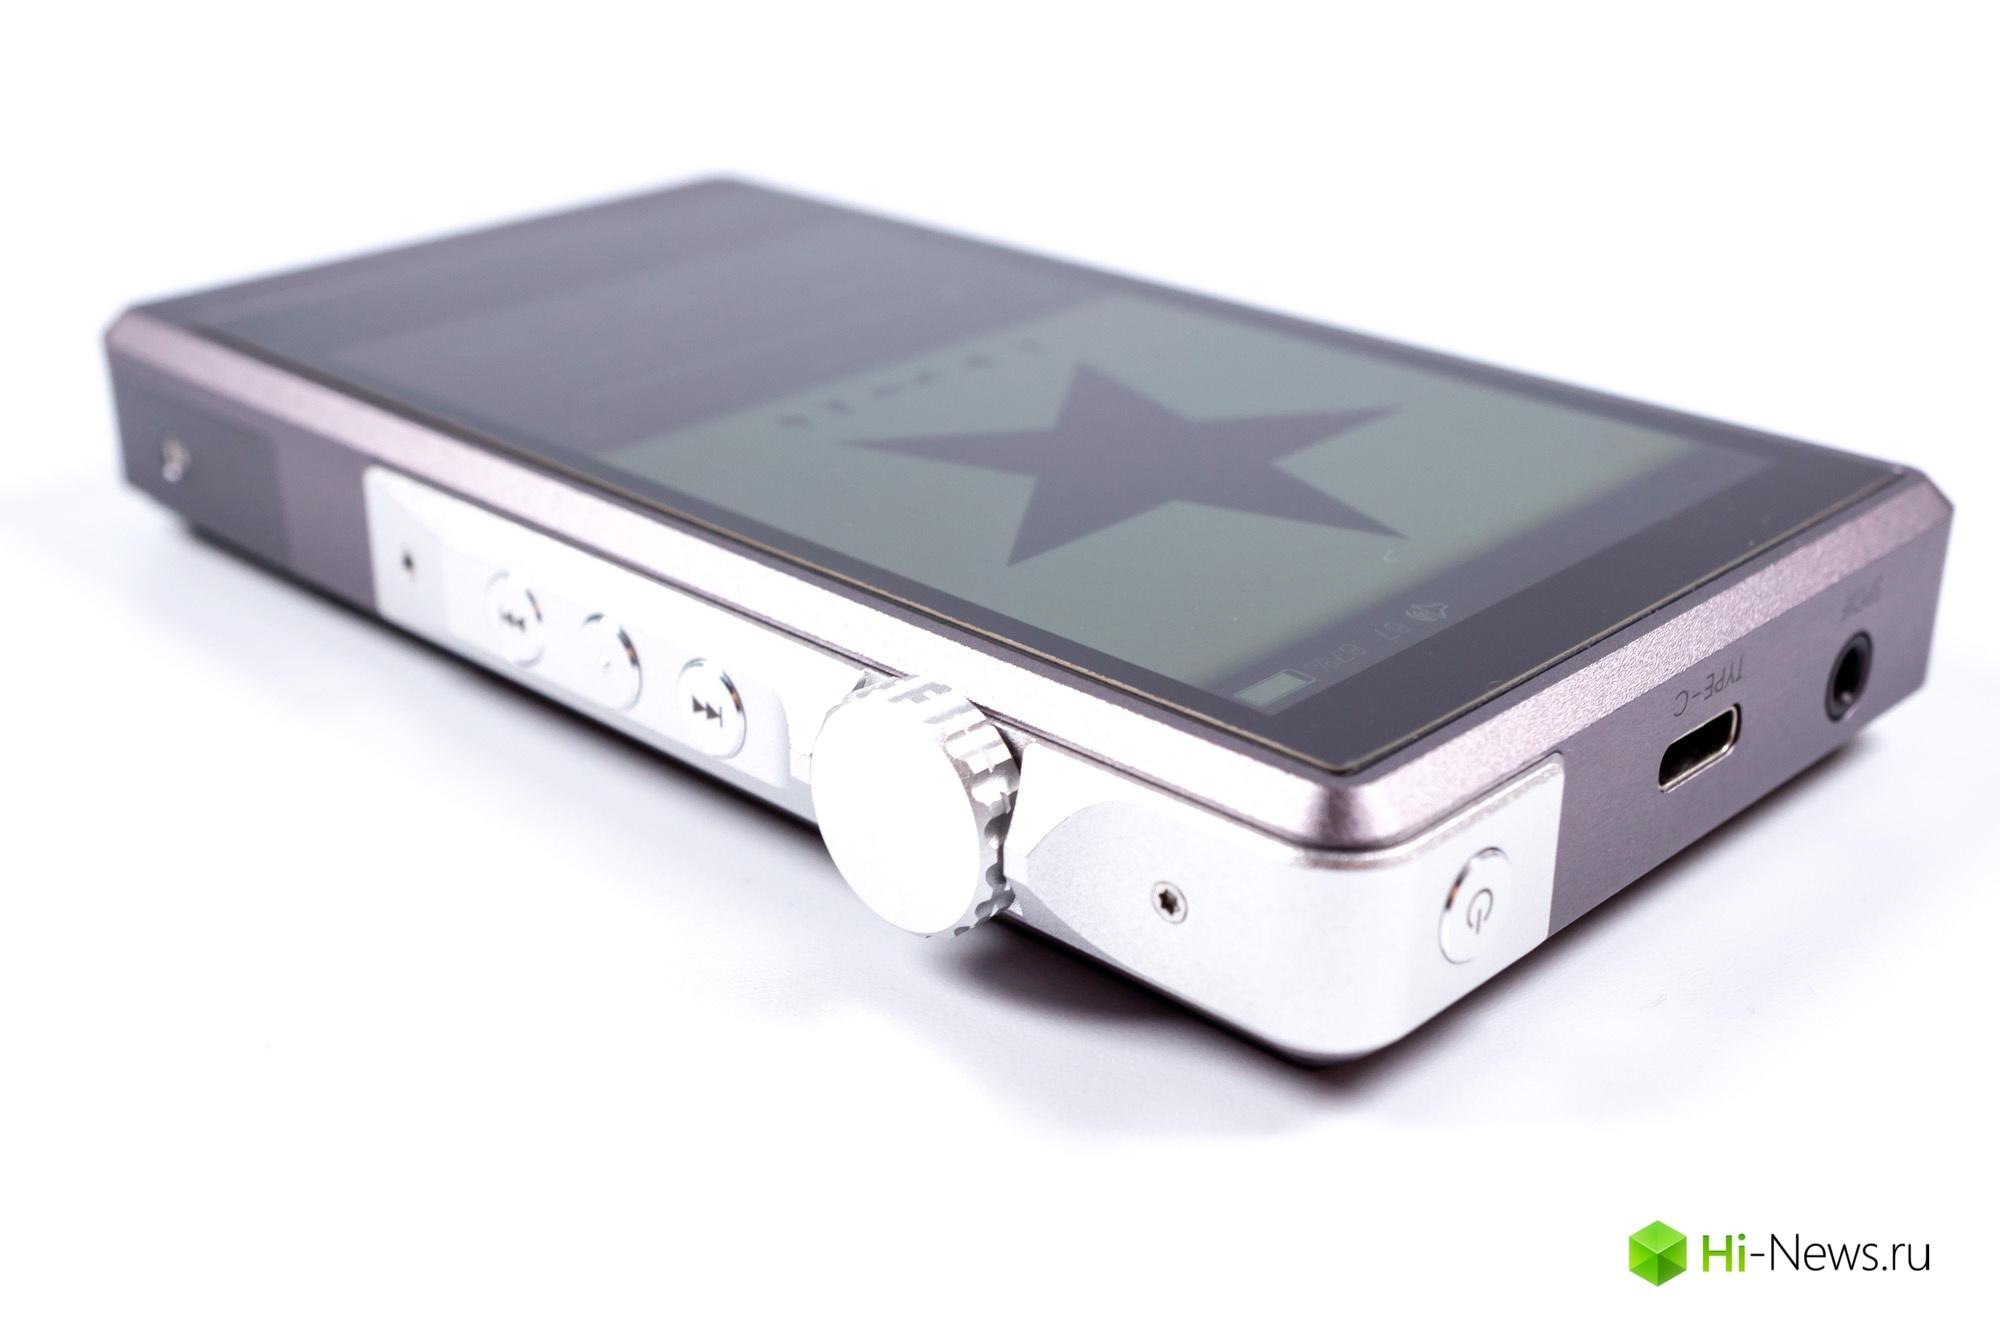 Обзор плеера iBasso DX150 — когда дешевле не означает хуже